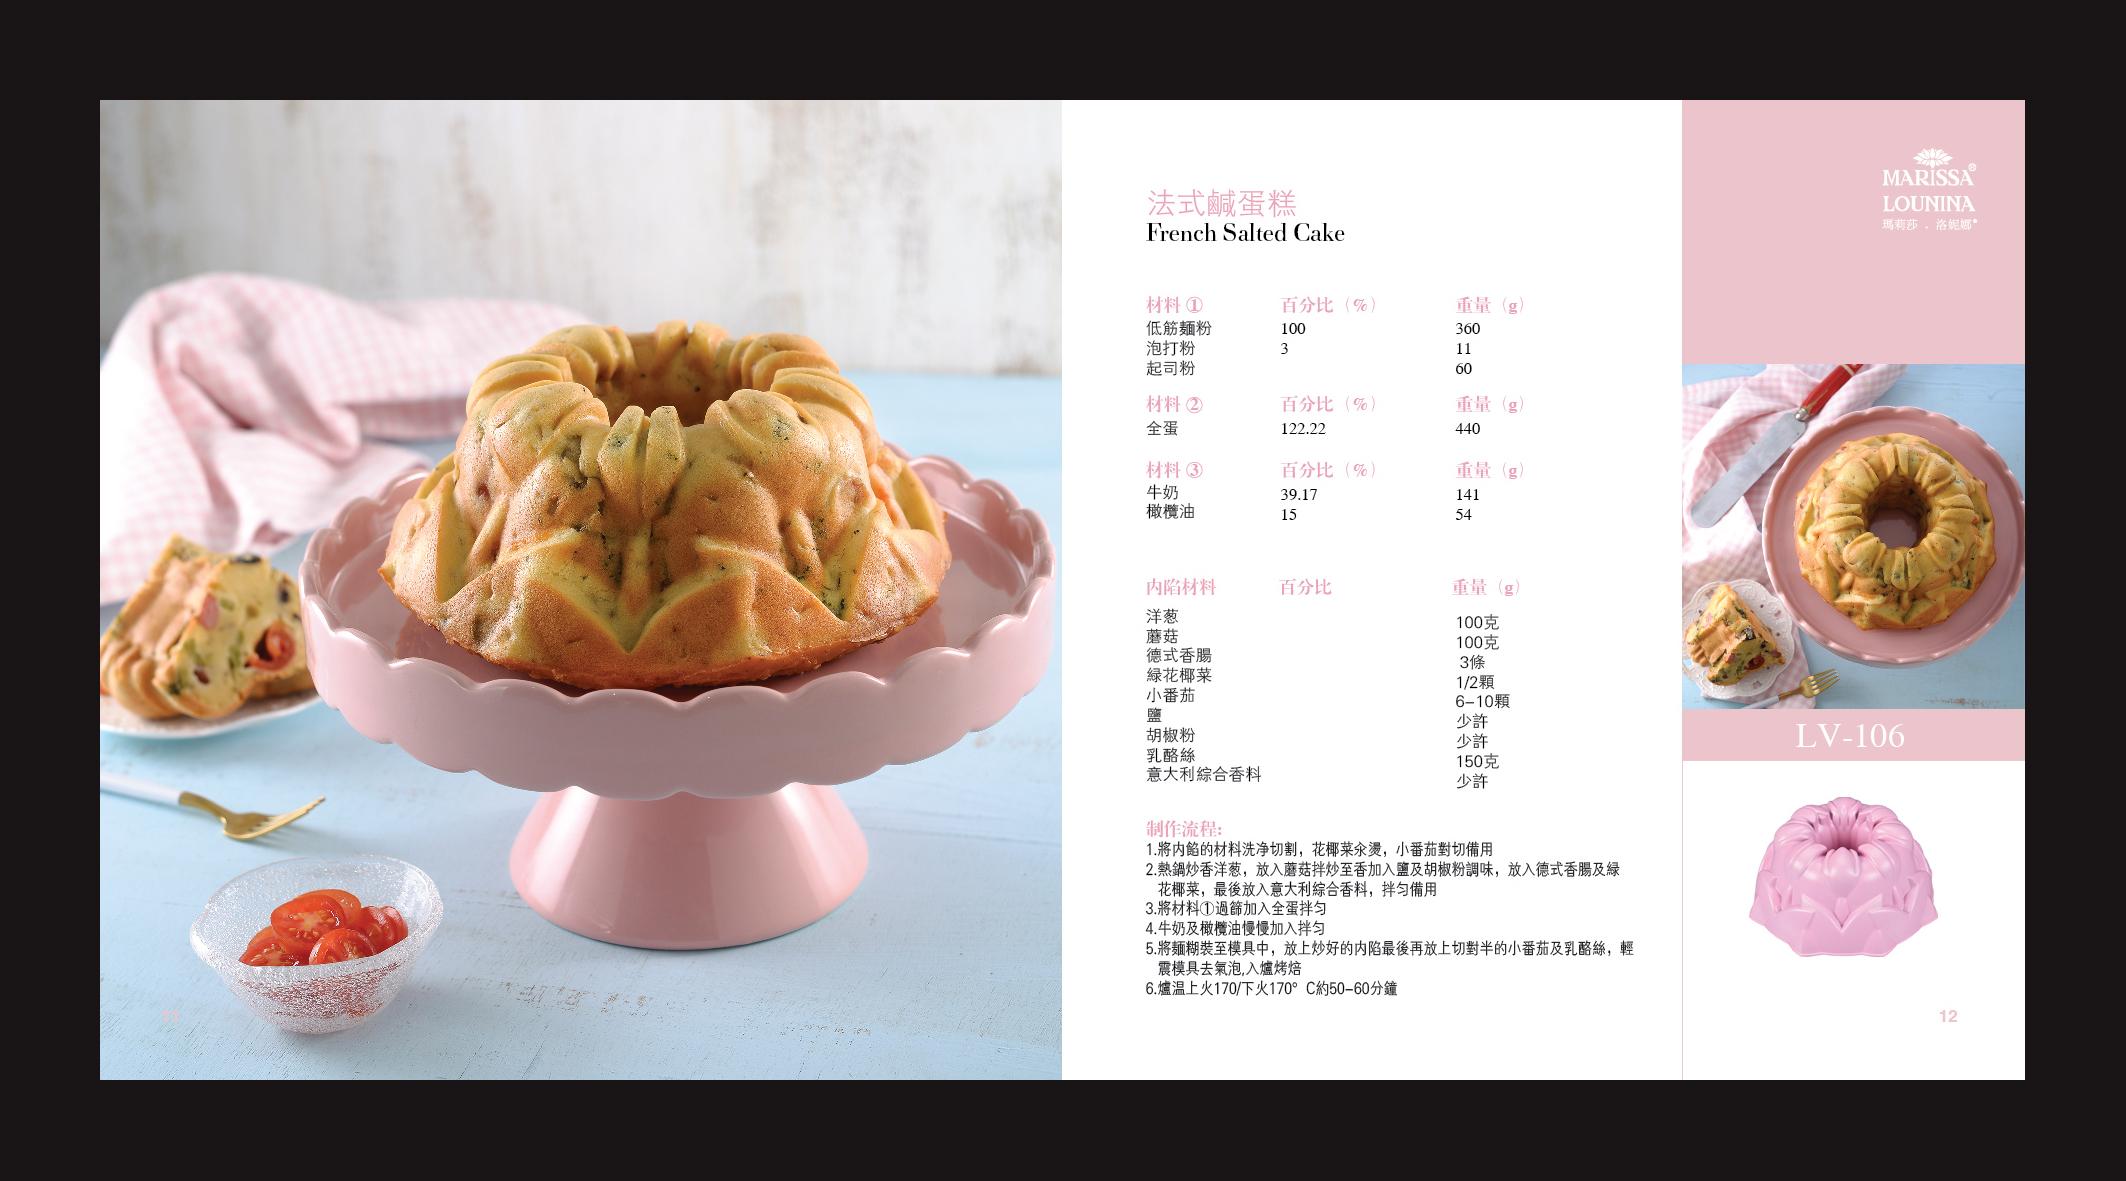 吕一斌 蛋糕模菜谱-106.jpg